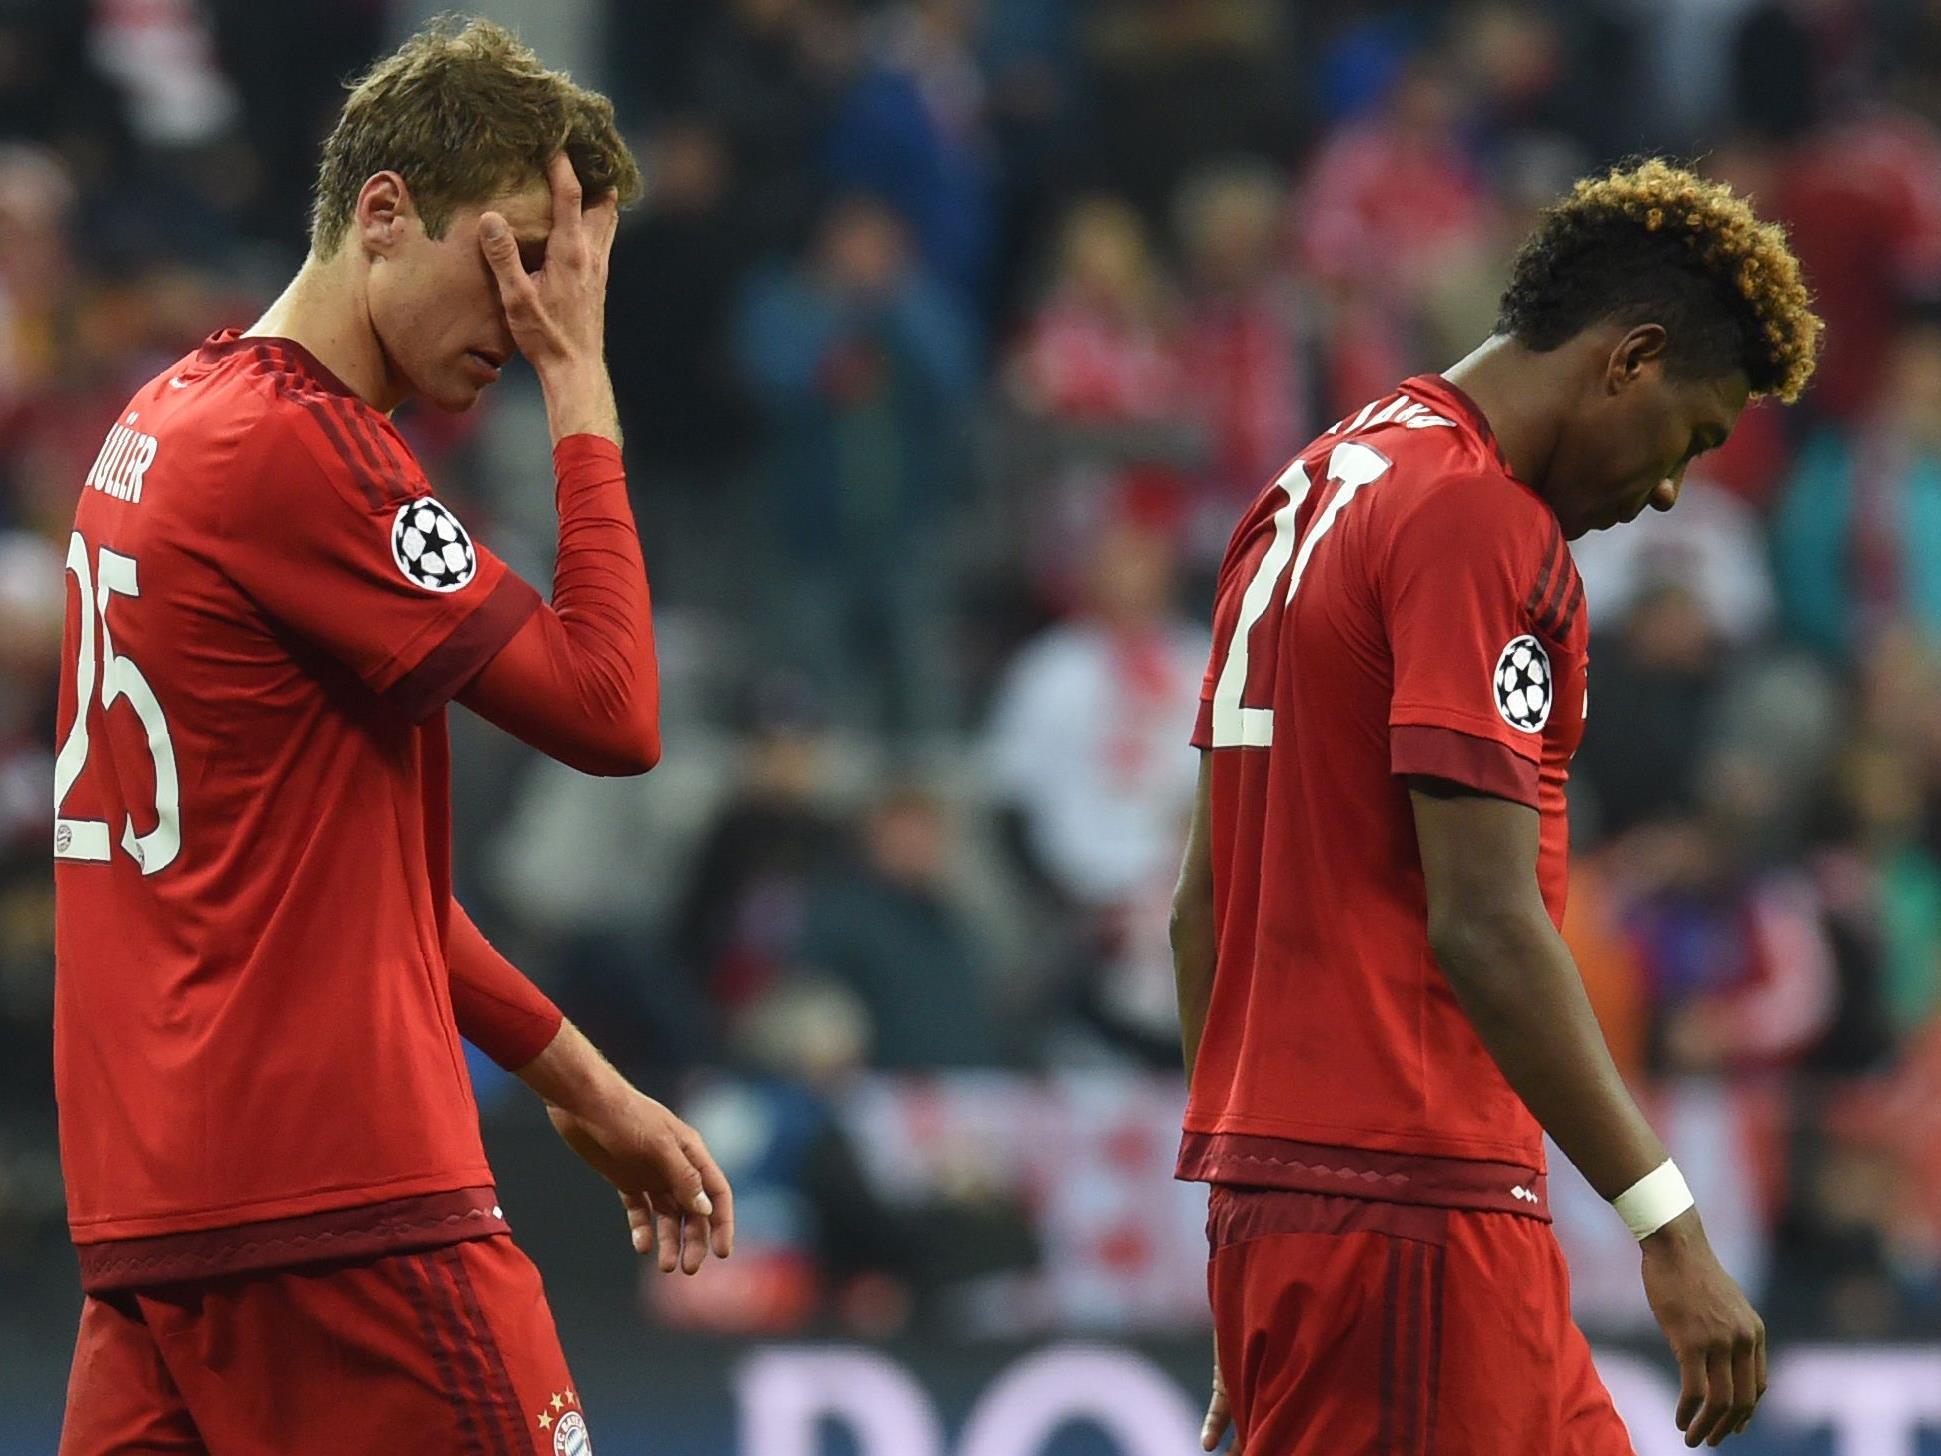 Der FC Bayern besiegt Atlético Madrid in einem mitreißenden Kampf ums Champions-League-Finale - und verlässt den Rasen doch als Verlierer.